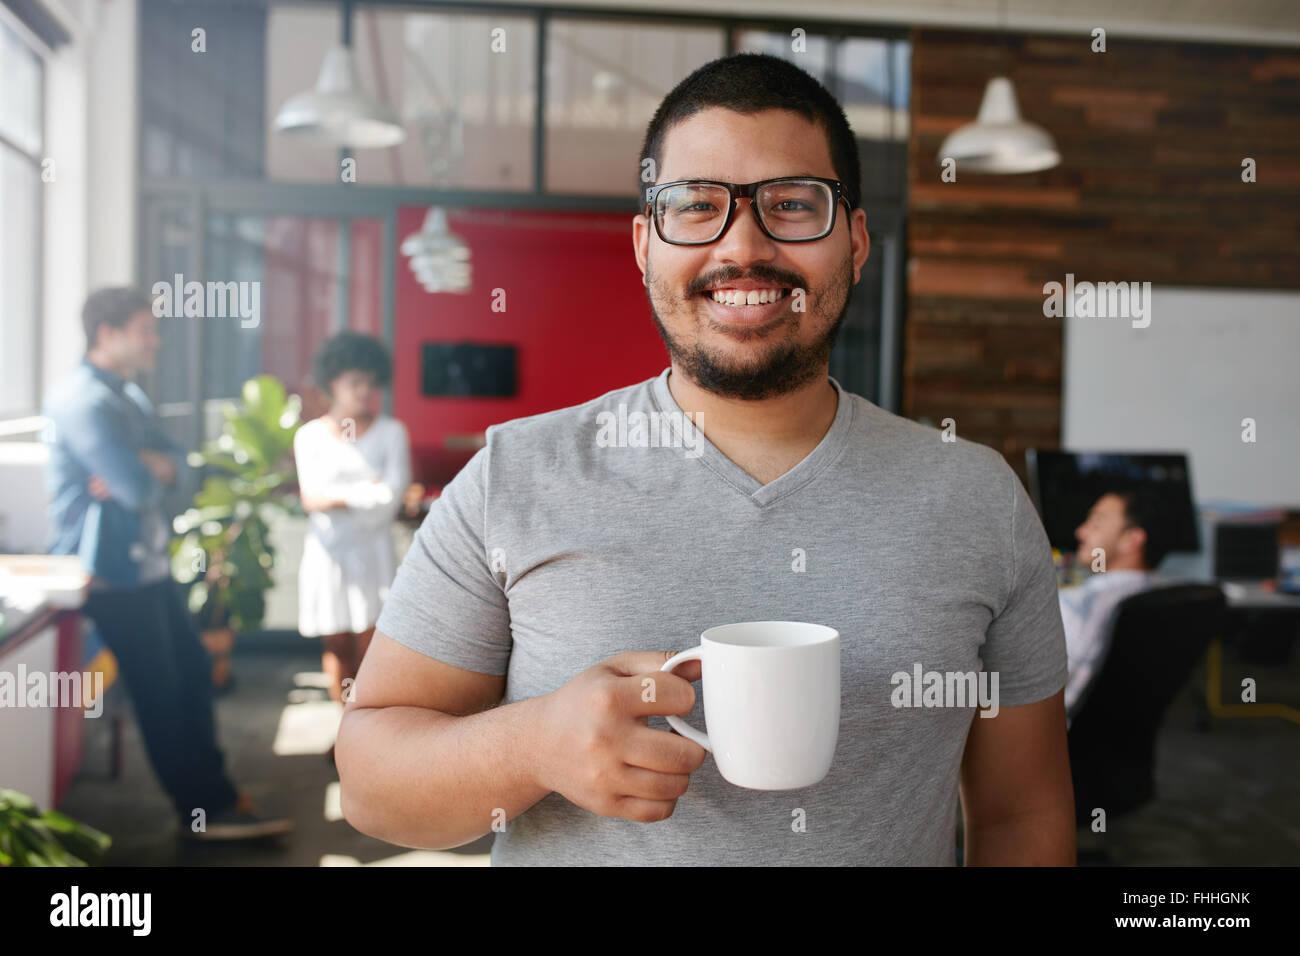 Portrait of smiling office worker ayant un café avec ses collègues parler dans l'arrière-plan. Photo Stock